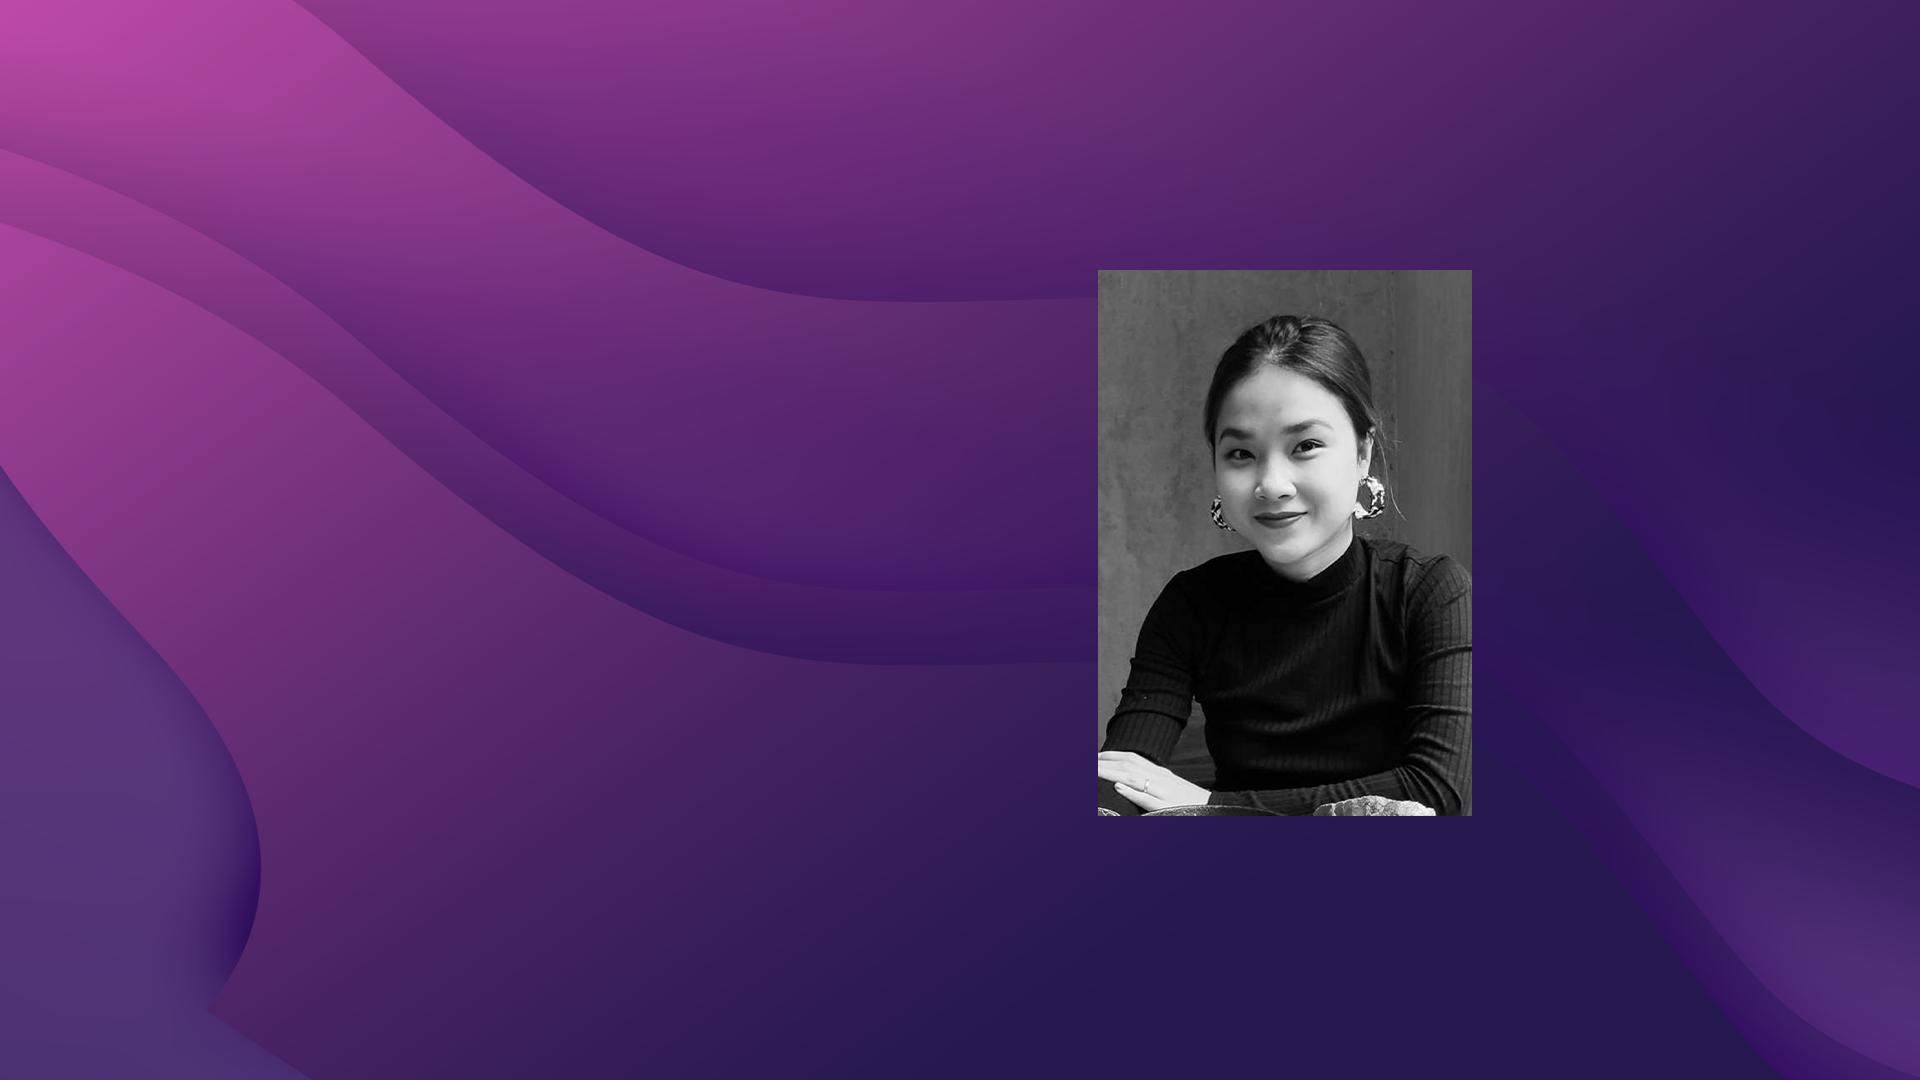 1030: Ari Pham Shares Her Vietnamese Startup Story With WatchSignals